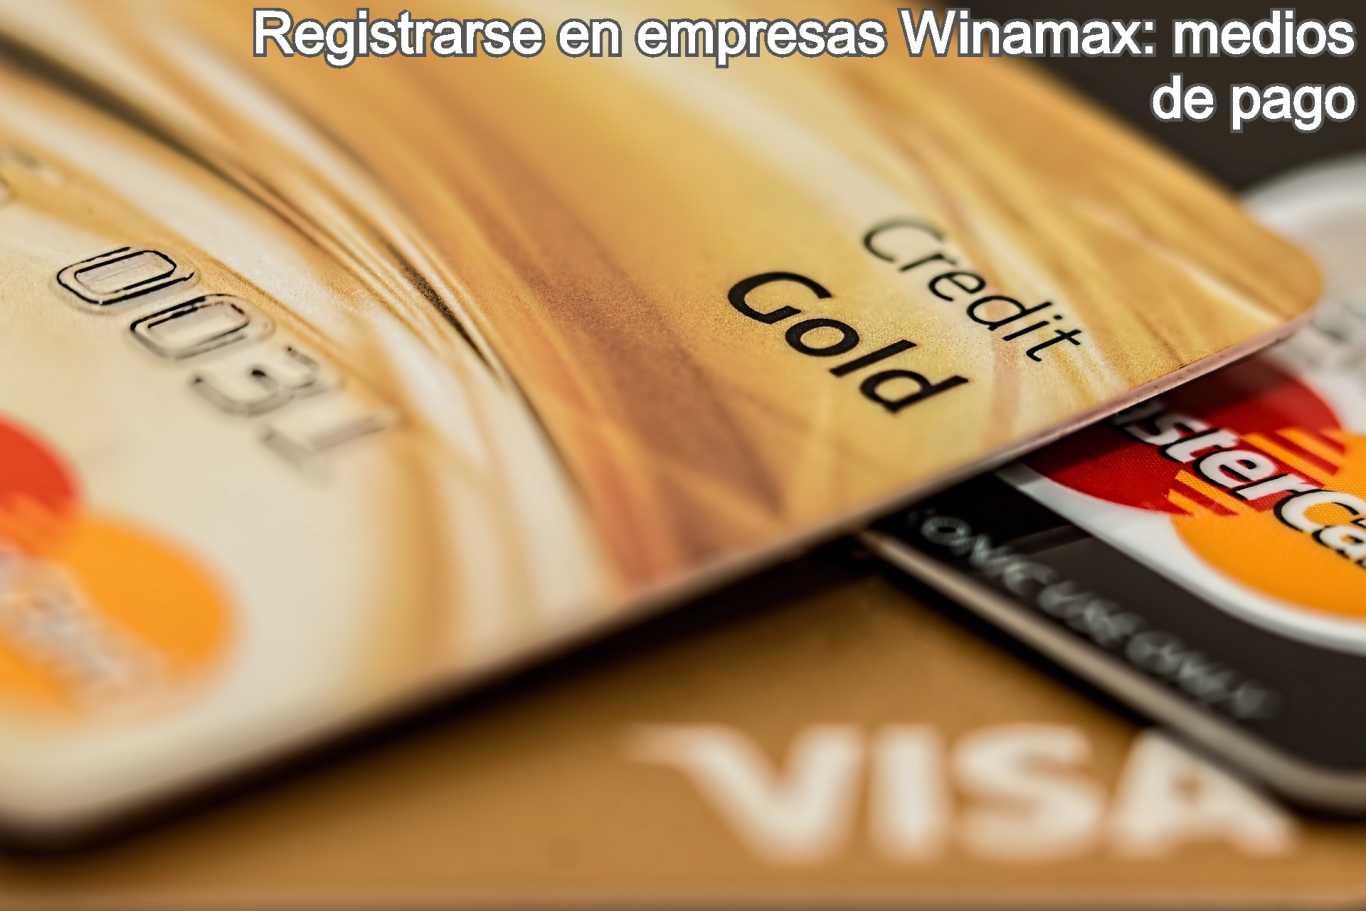 Registrarse en empresas Winamax: medios de pago